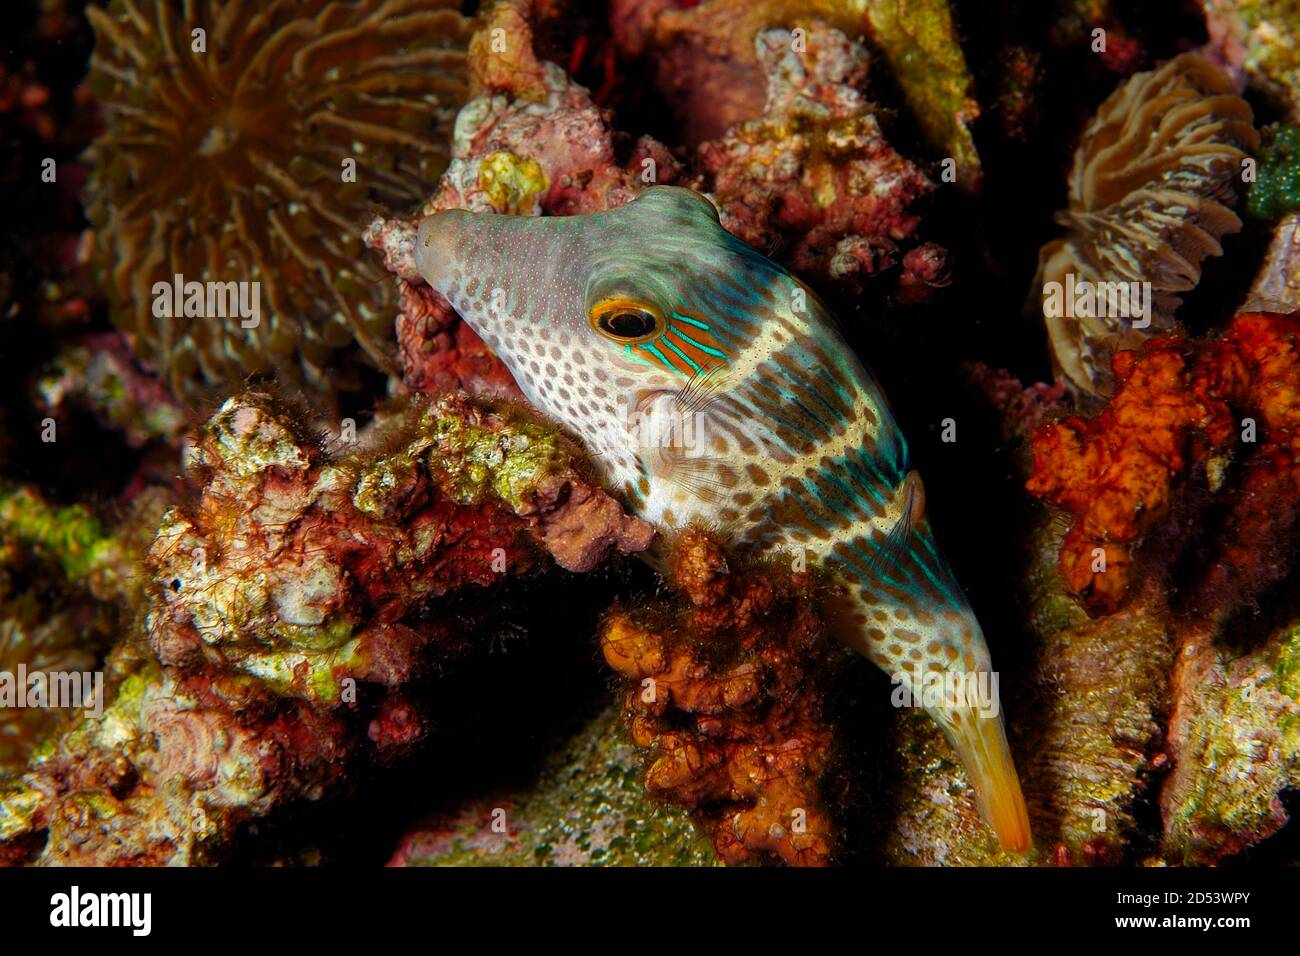 Black-Saddled Toby, 'Canthigaster valentini', Sleeping On Corals Lembeh, Manado, North Sulawesi, Indonesia Stock Photo